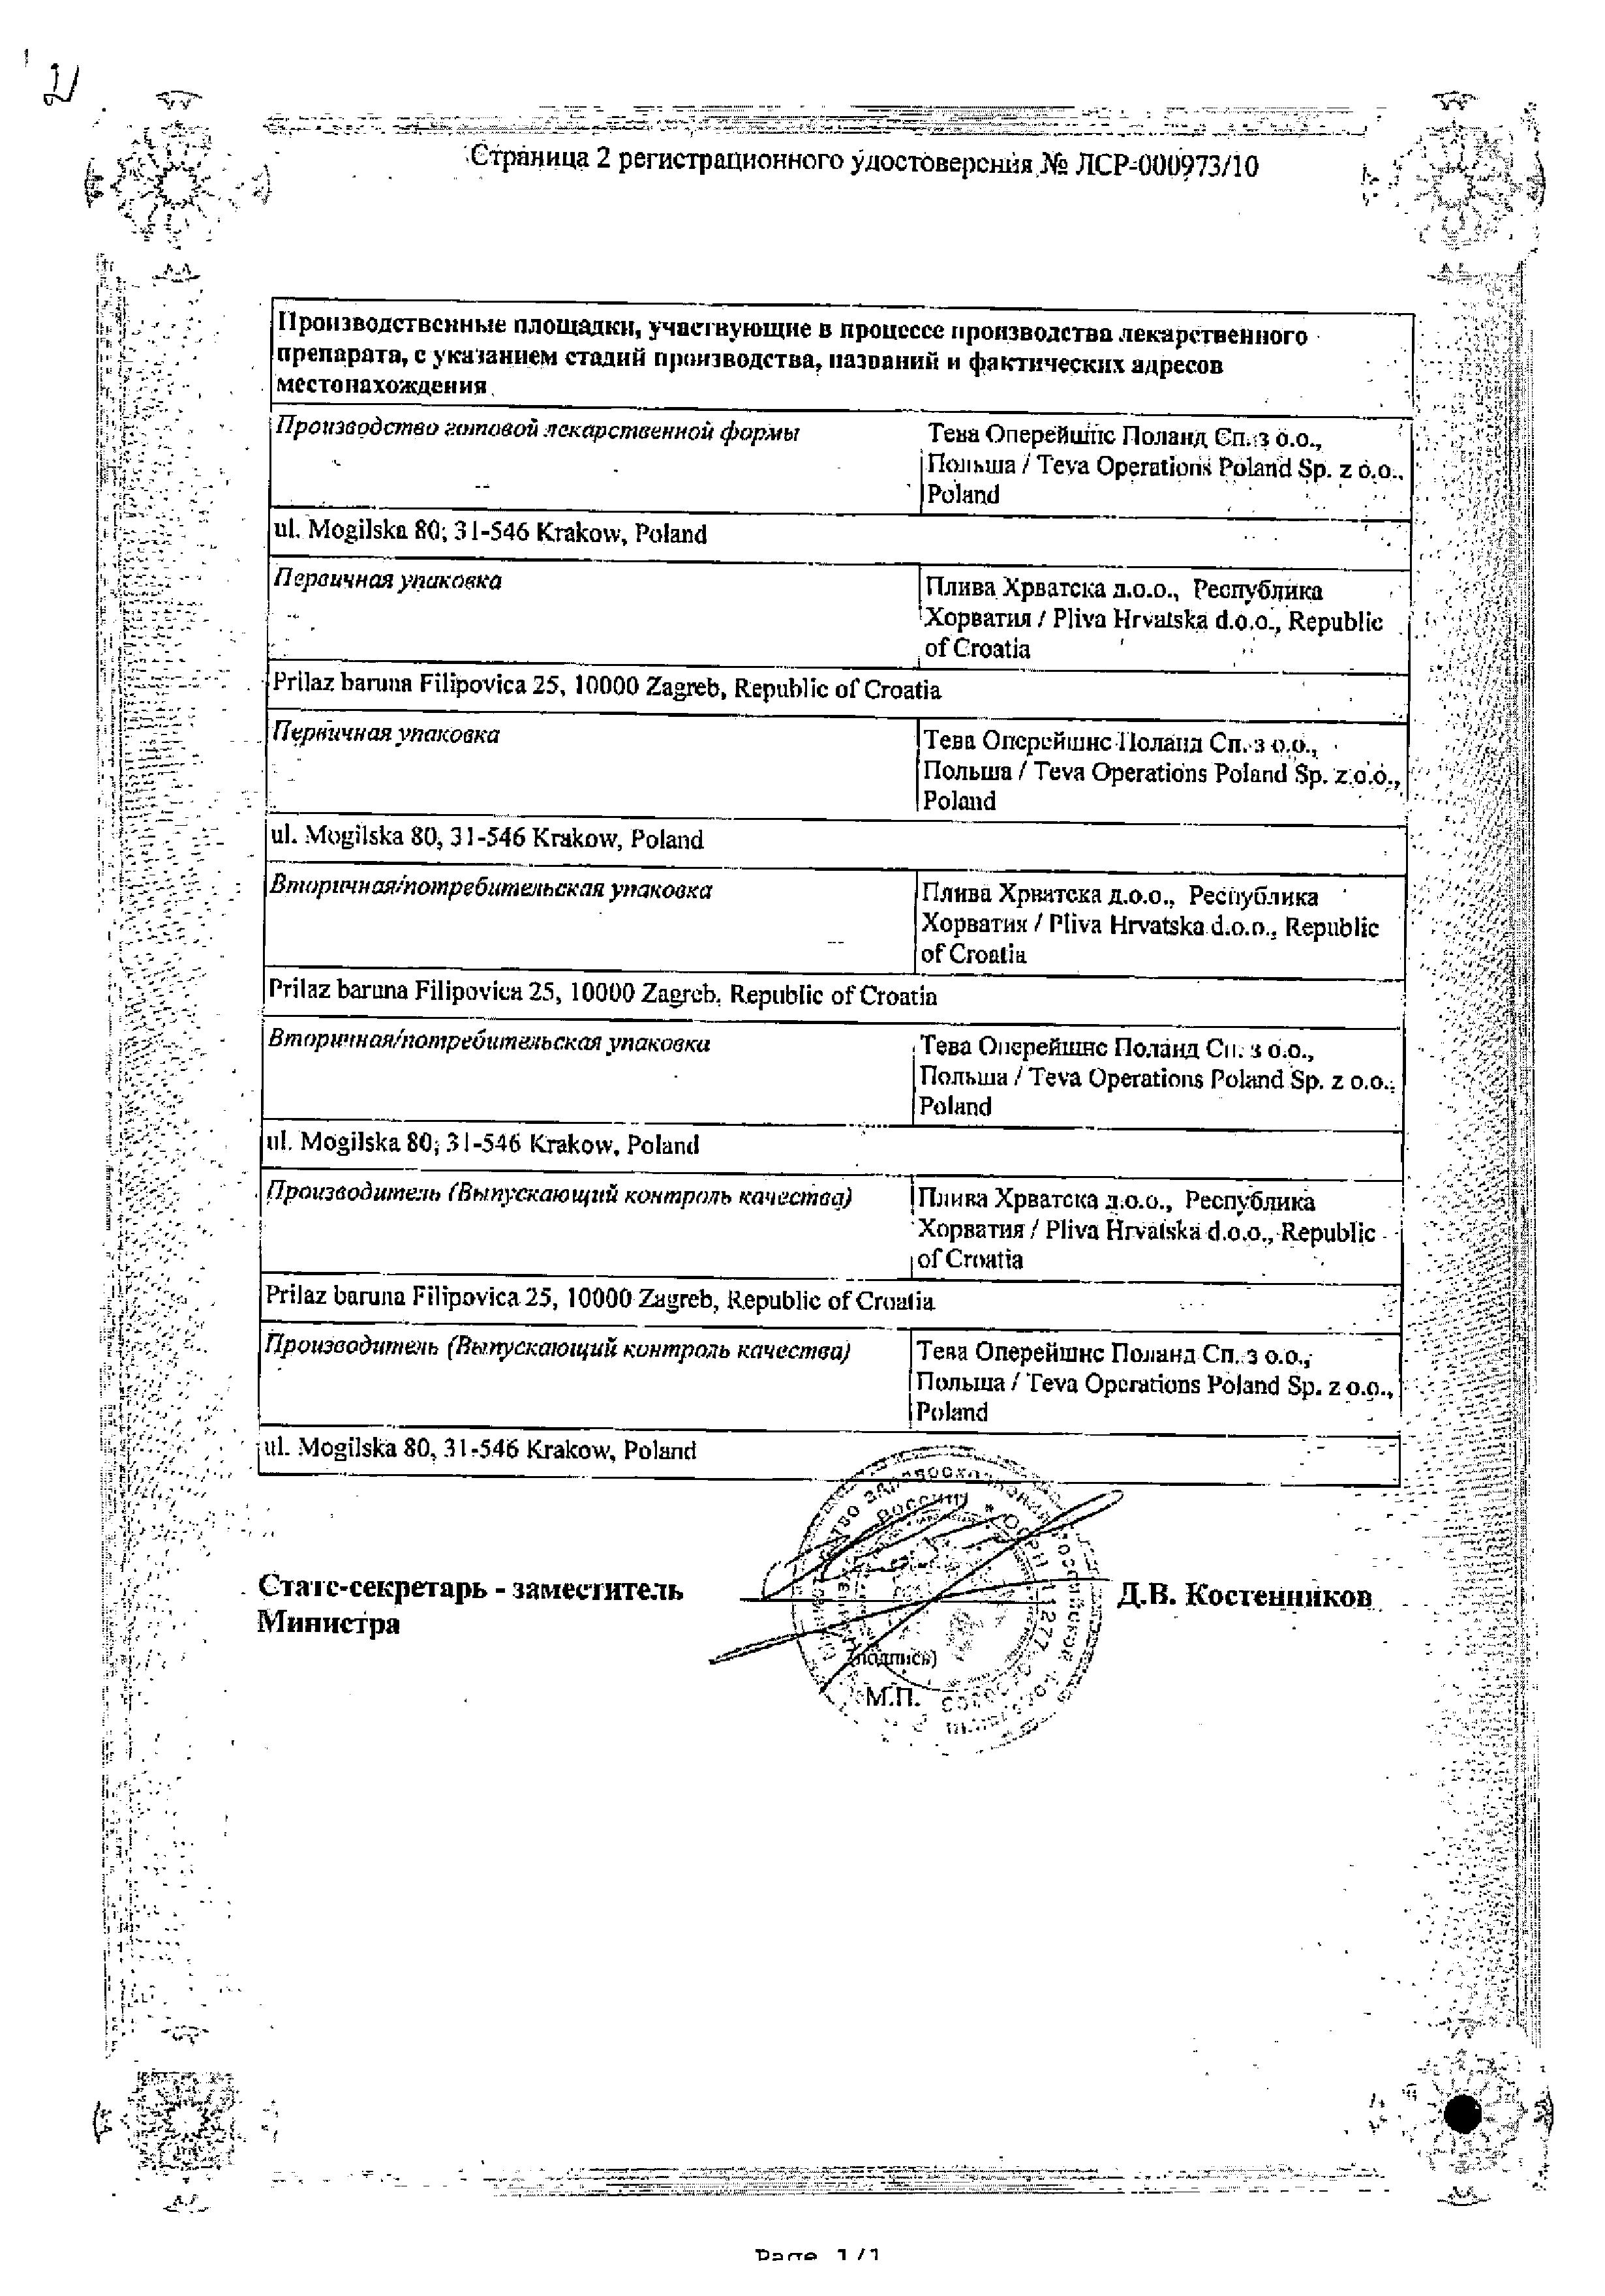 Нооджерон сертификат